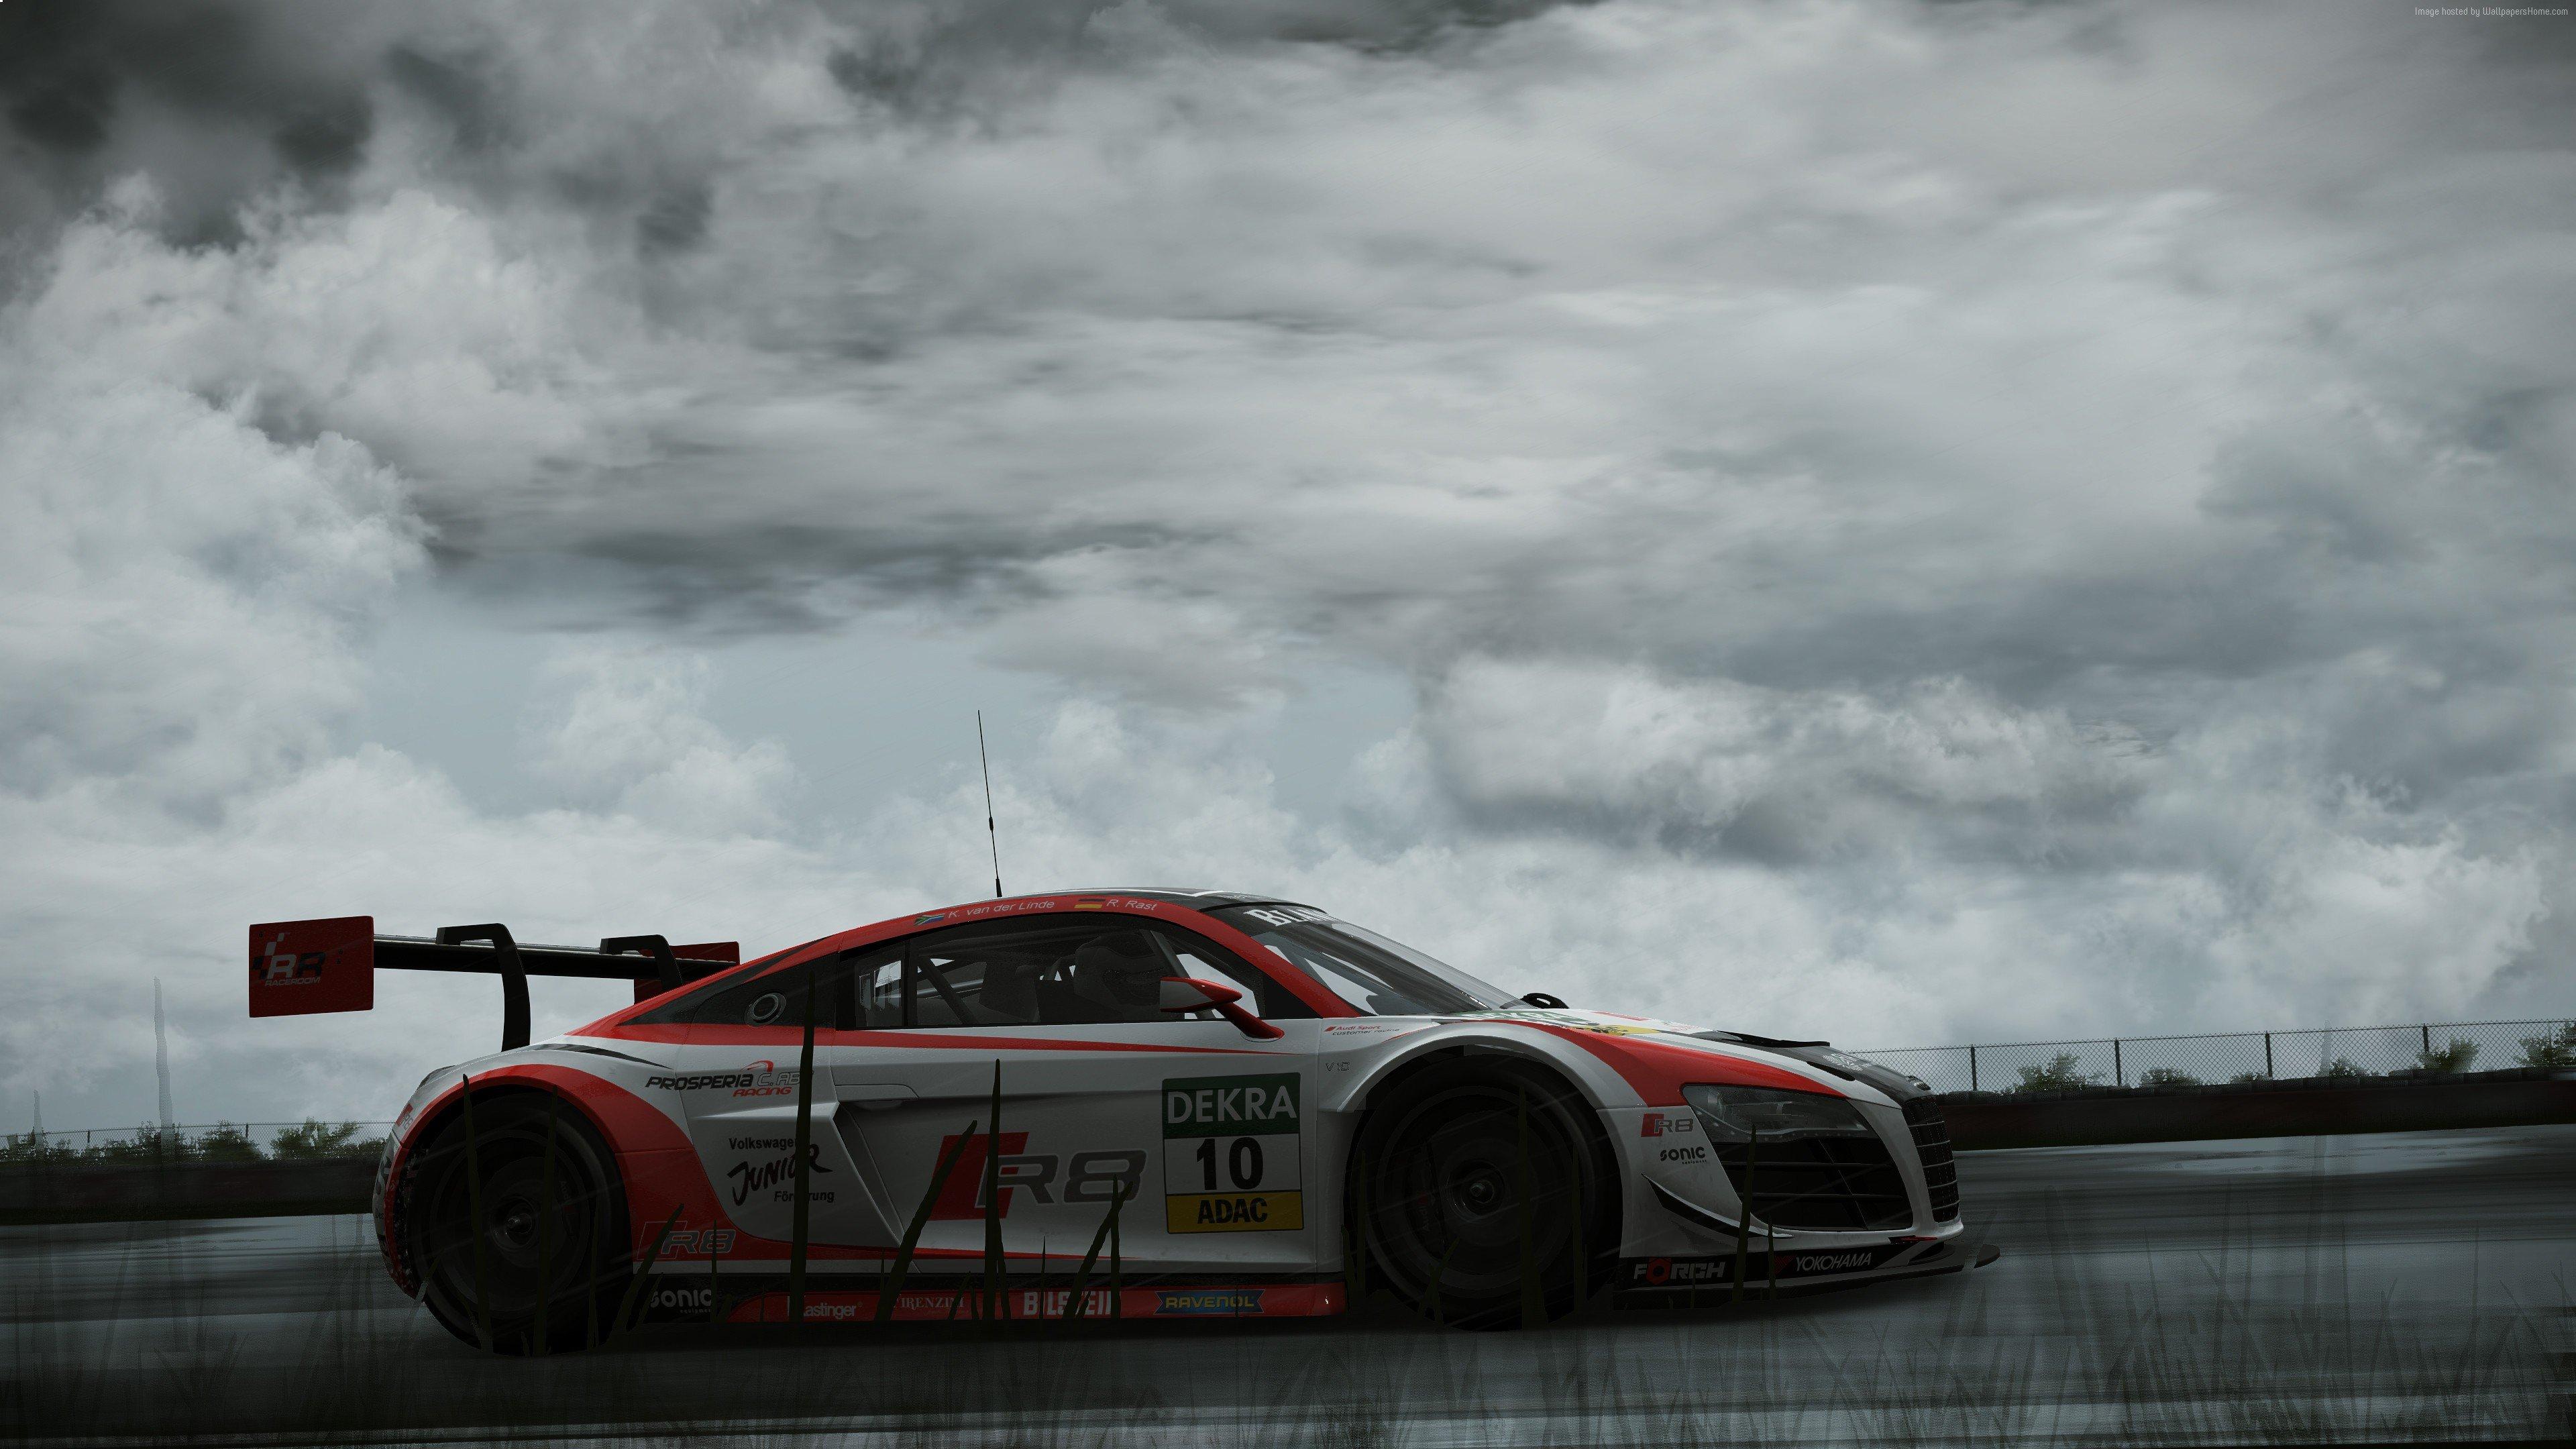 Racing Car Games Hd Wallpaper: Project Cars PC Games Wallpaper